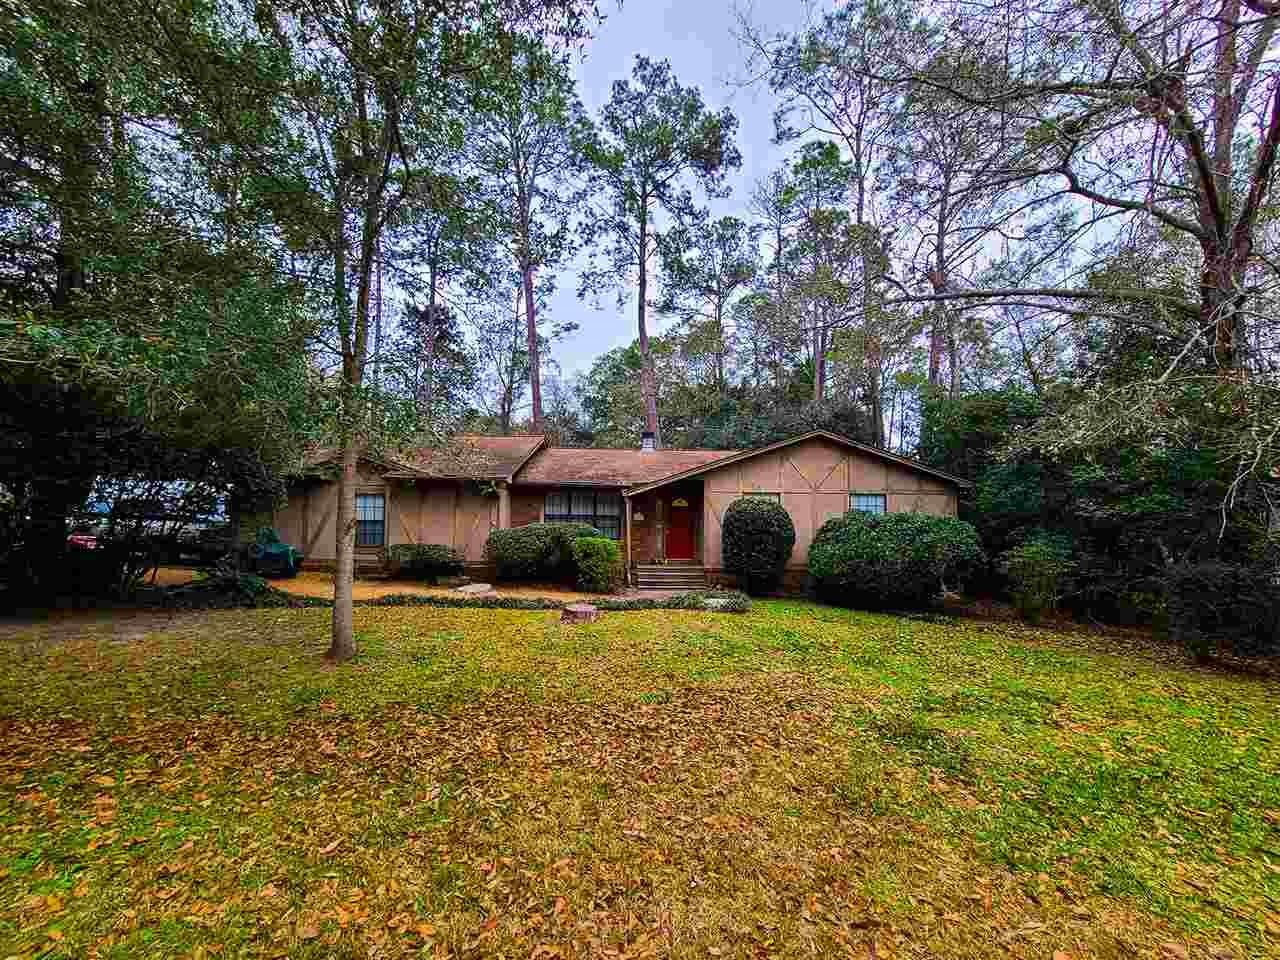 6408 Stone Street Trail, Tallahassee, FL 32309 - MLS#: 328197